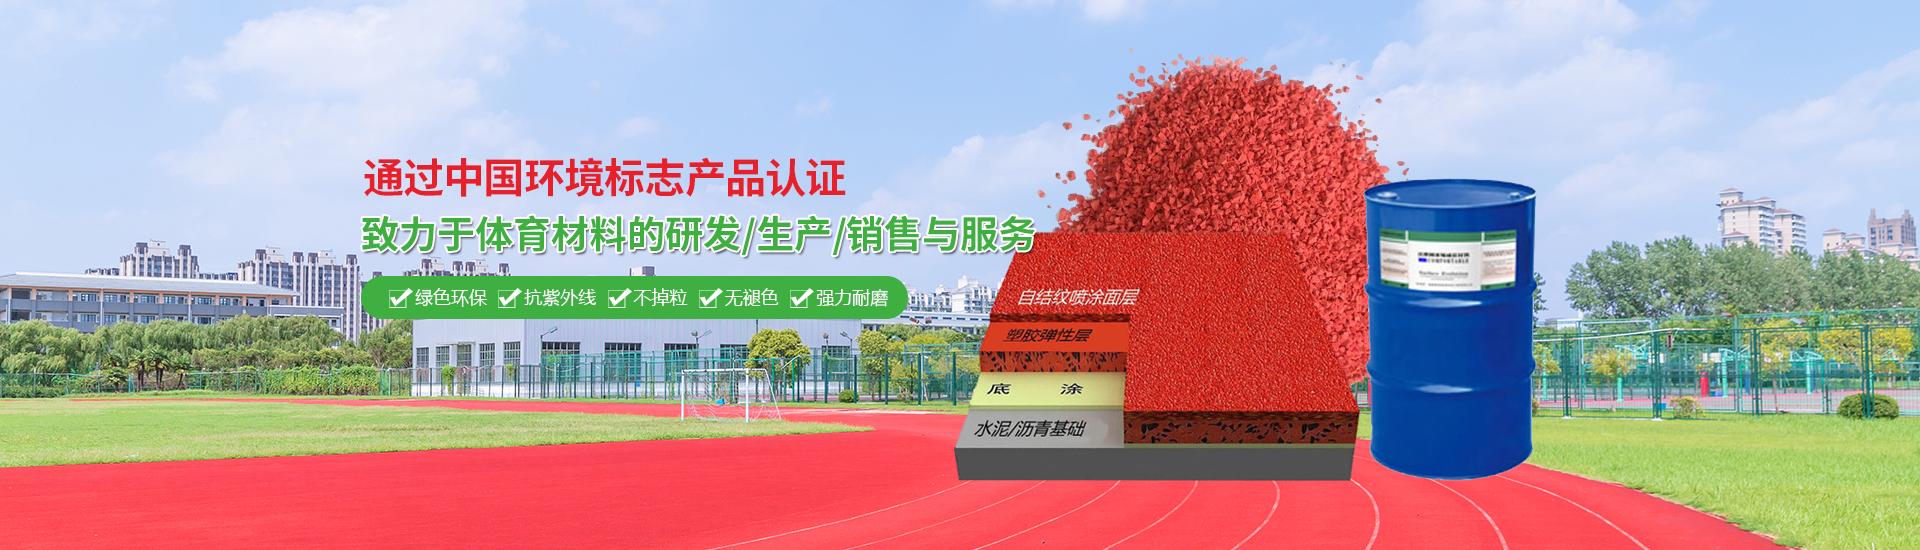 混合型塑胶跑道施工